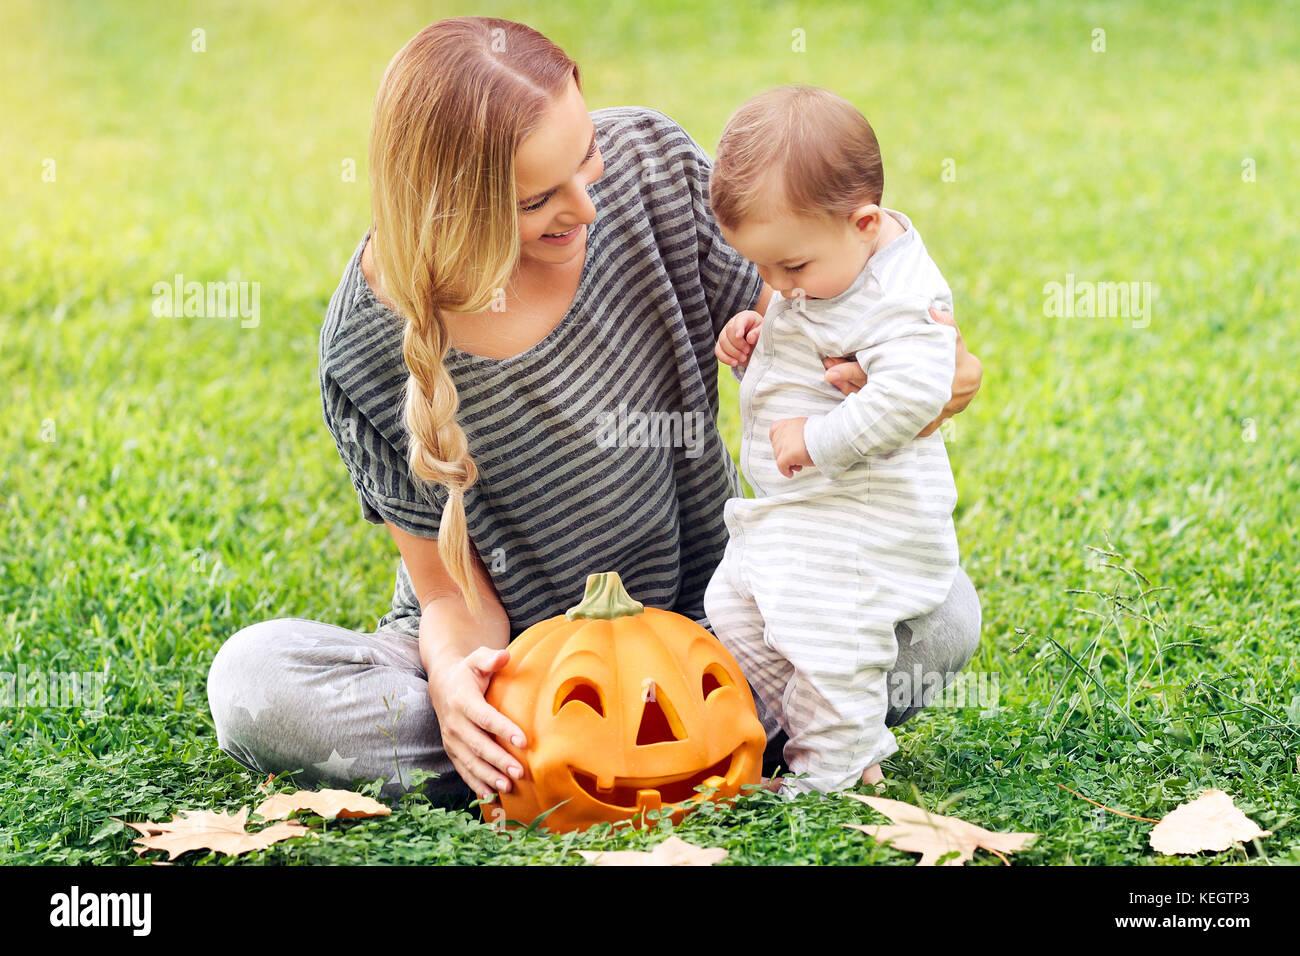 Happy Family feiern Halloween im Freien, Mutter mit niedlichen kleinen Baby Junge spielt mit geschnitzten Kürbis Stockbild